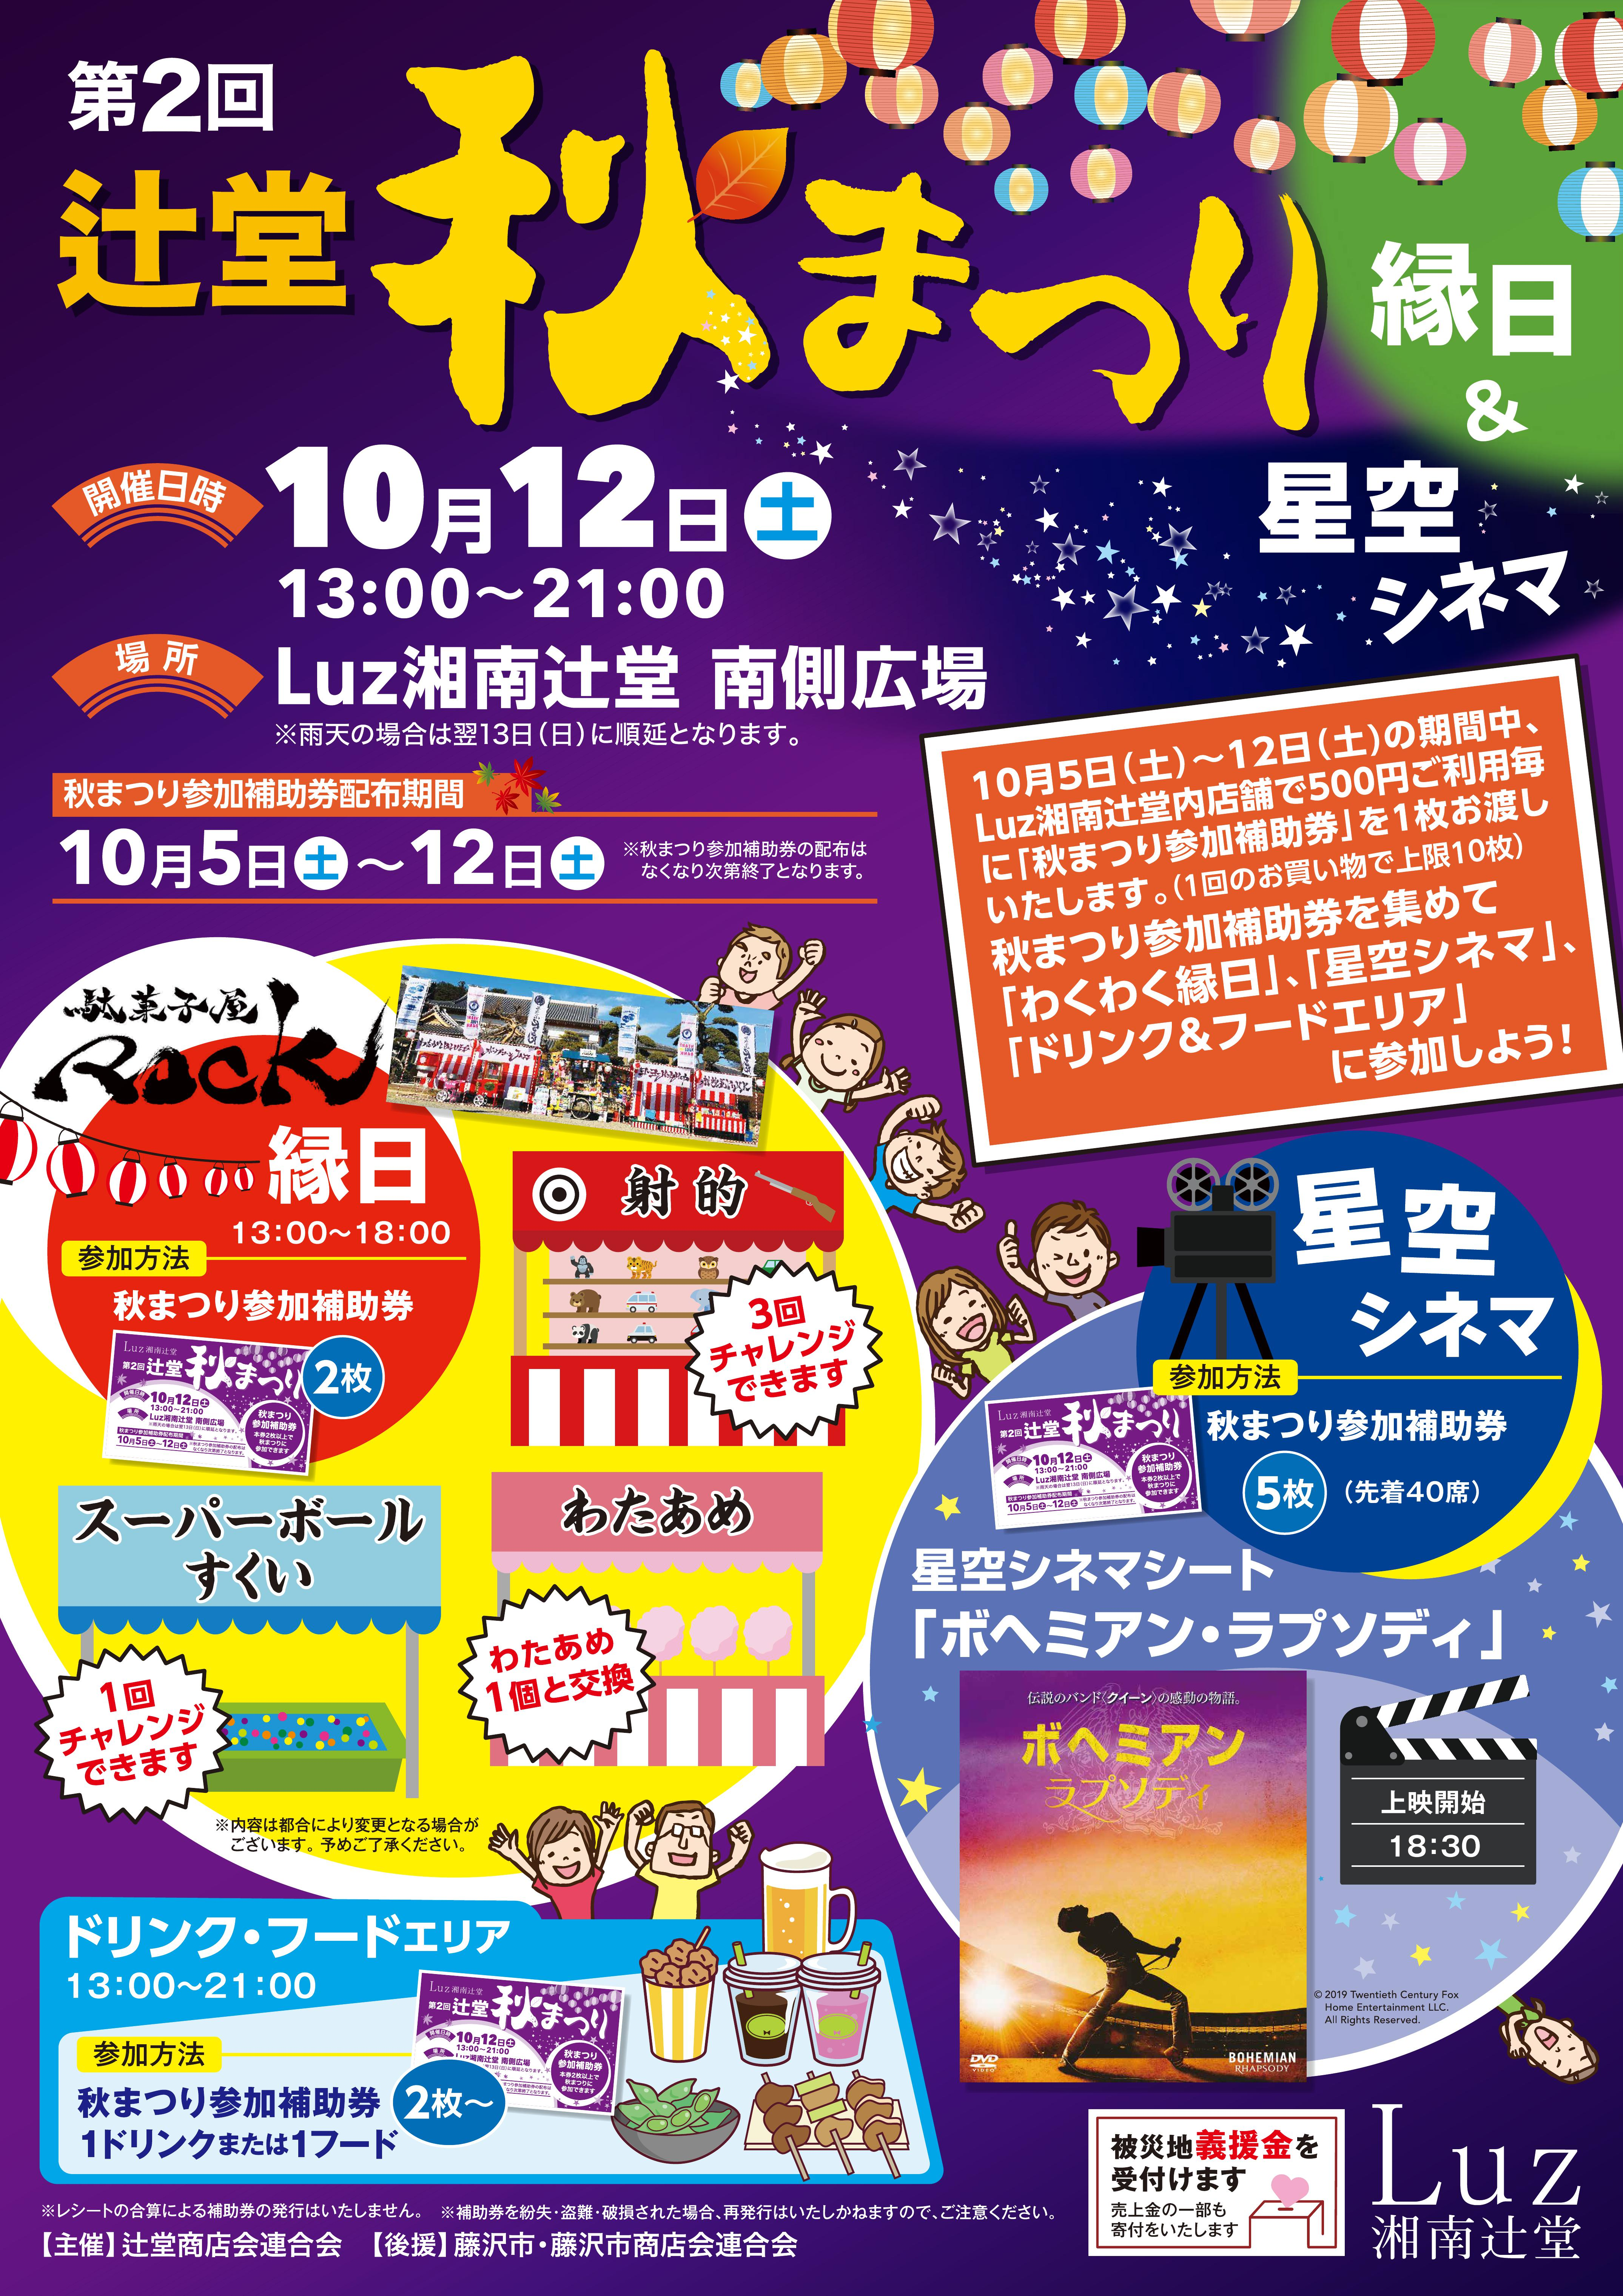 """【藤沢】""""第2回辻堂秋まつり""""が2019年10月12日に開催予定。駄菓子屋ロックによる縁日やシネマ上映も。"""